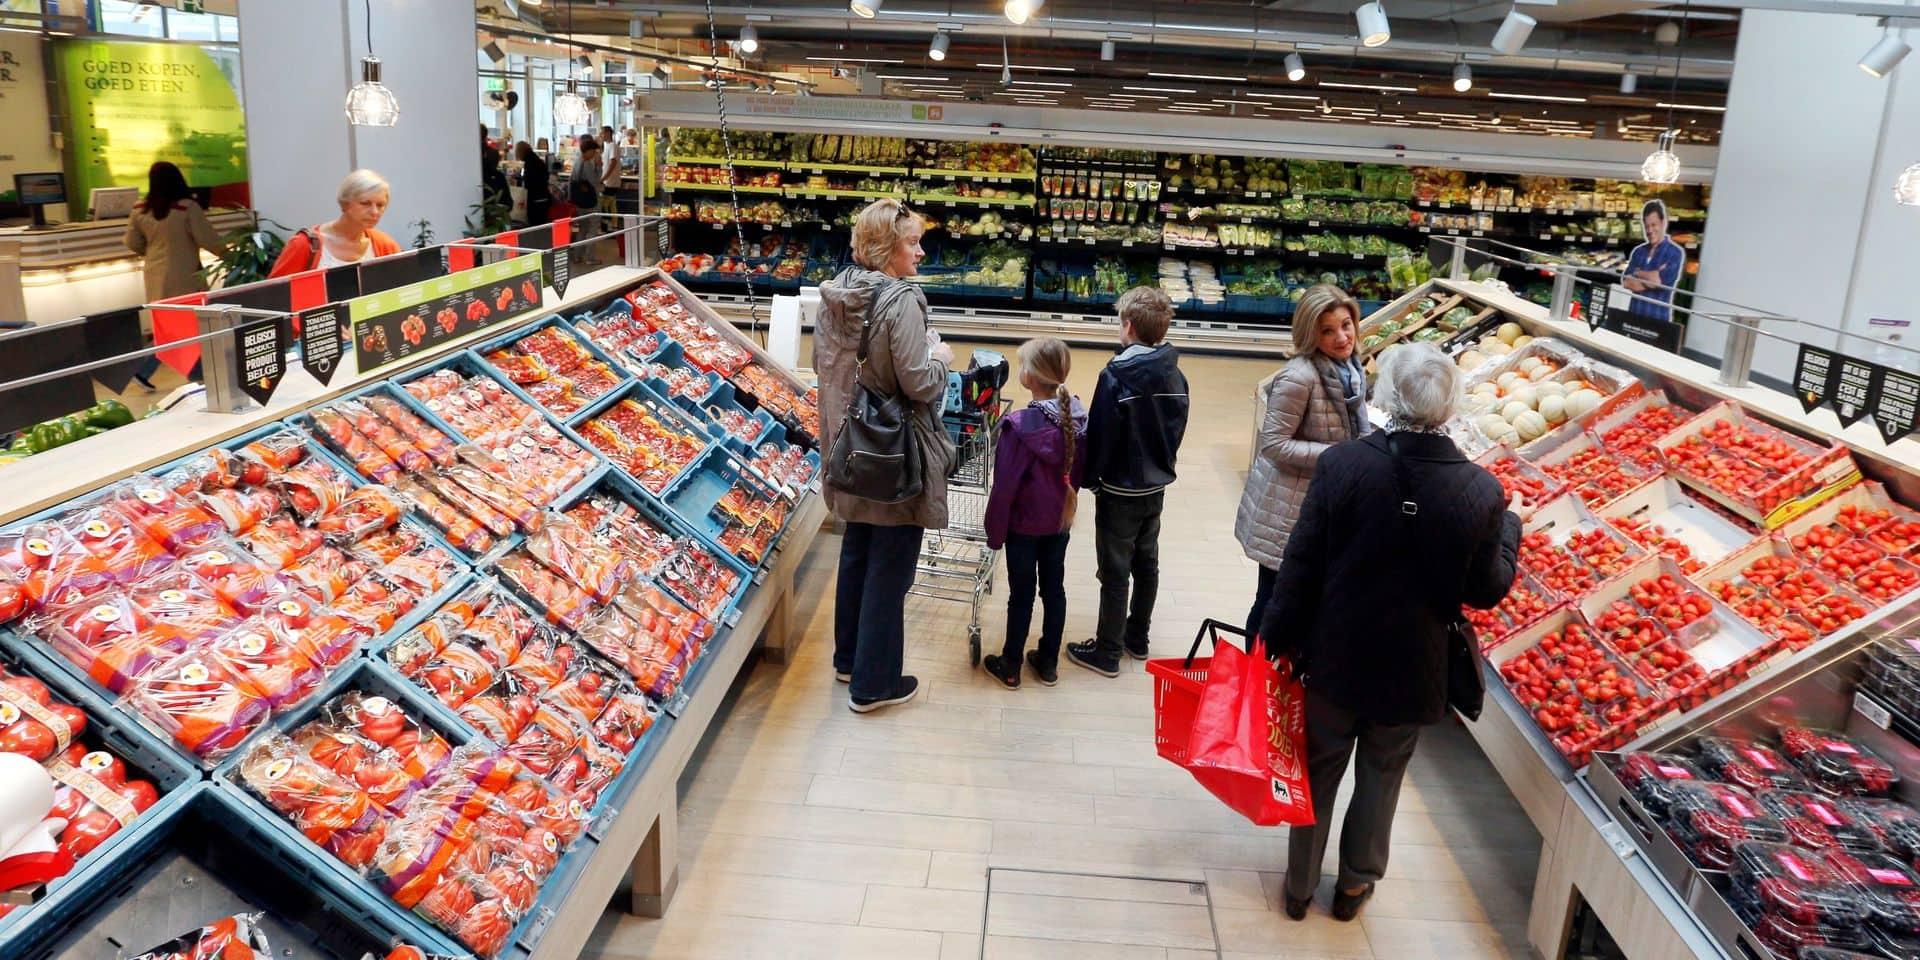 Delhaize vous accueille… au marché. Le nouveau concept de supermarché met en avant l'offre de produits frais dans un cadre aéré et lumineux. Primeur : Wezmbeek-Oppem.